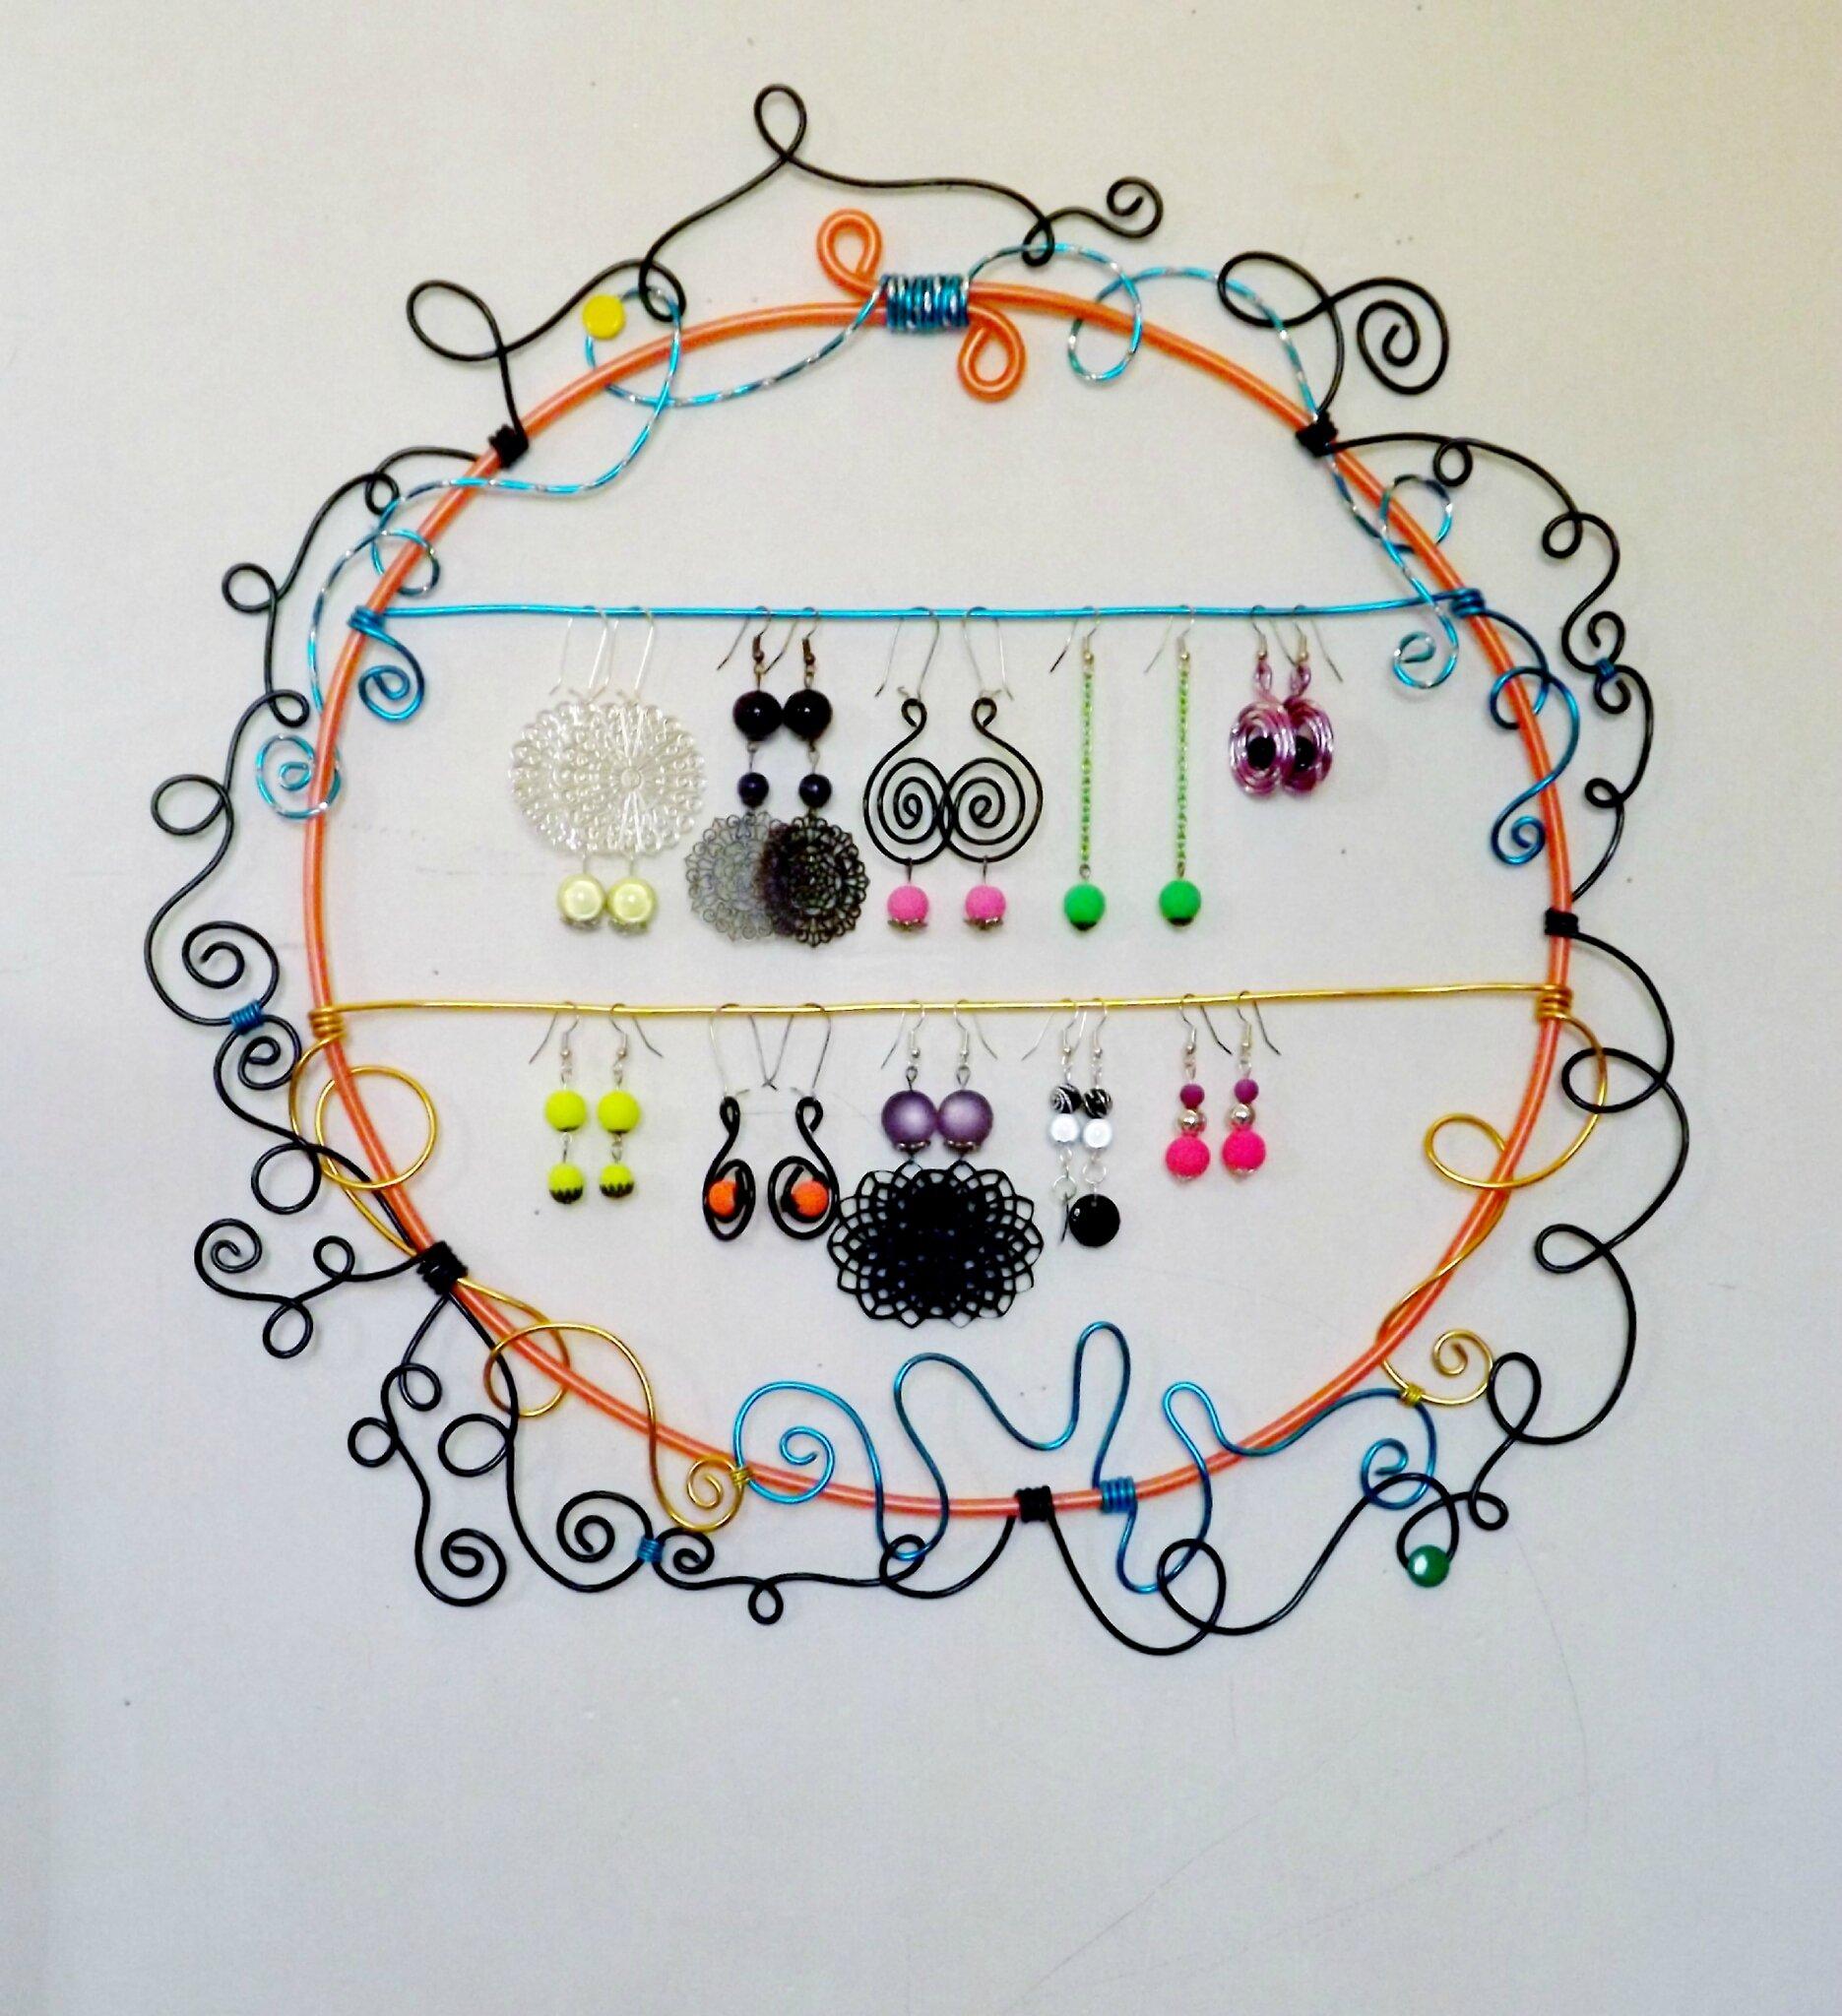 porte boucles d 39 oreilles mural r alis en fil mandycrea. Black Bedroom Furniture Sets. Home Design Ideas